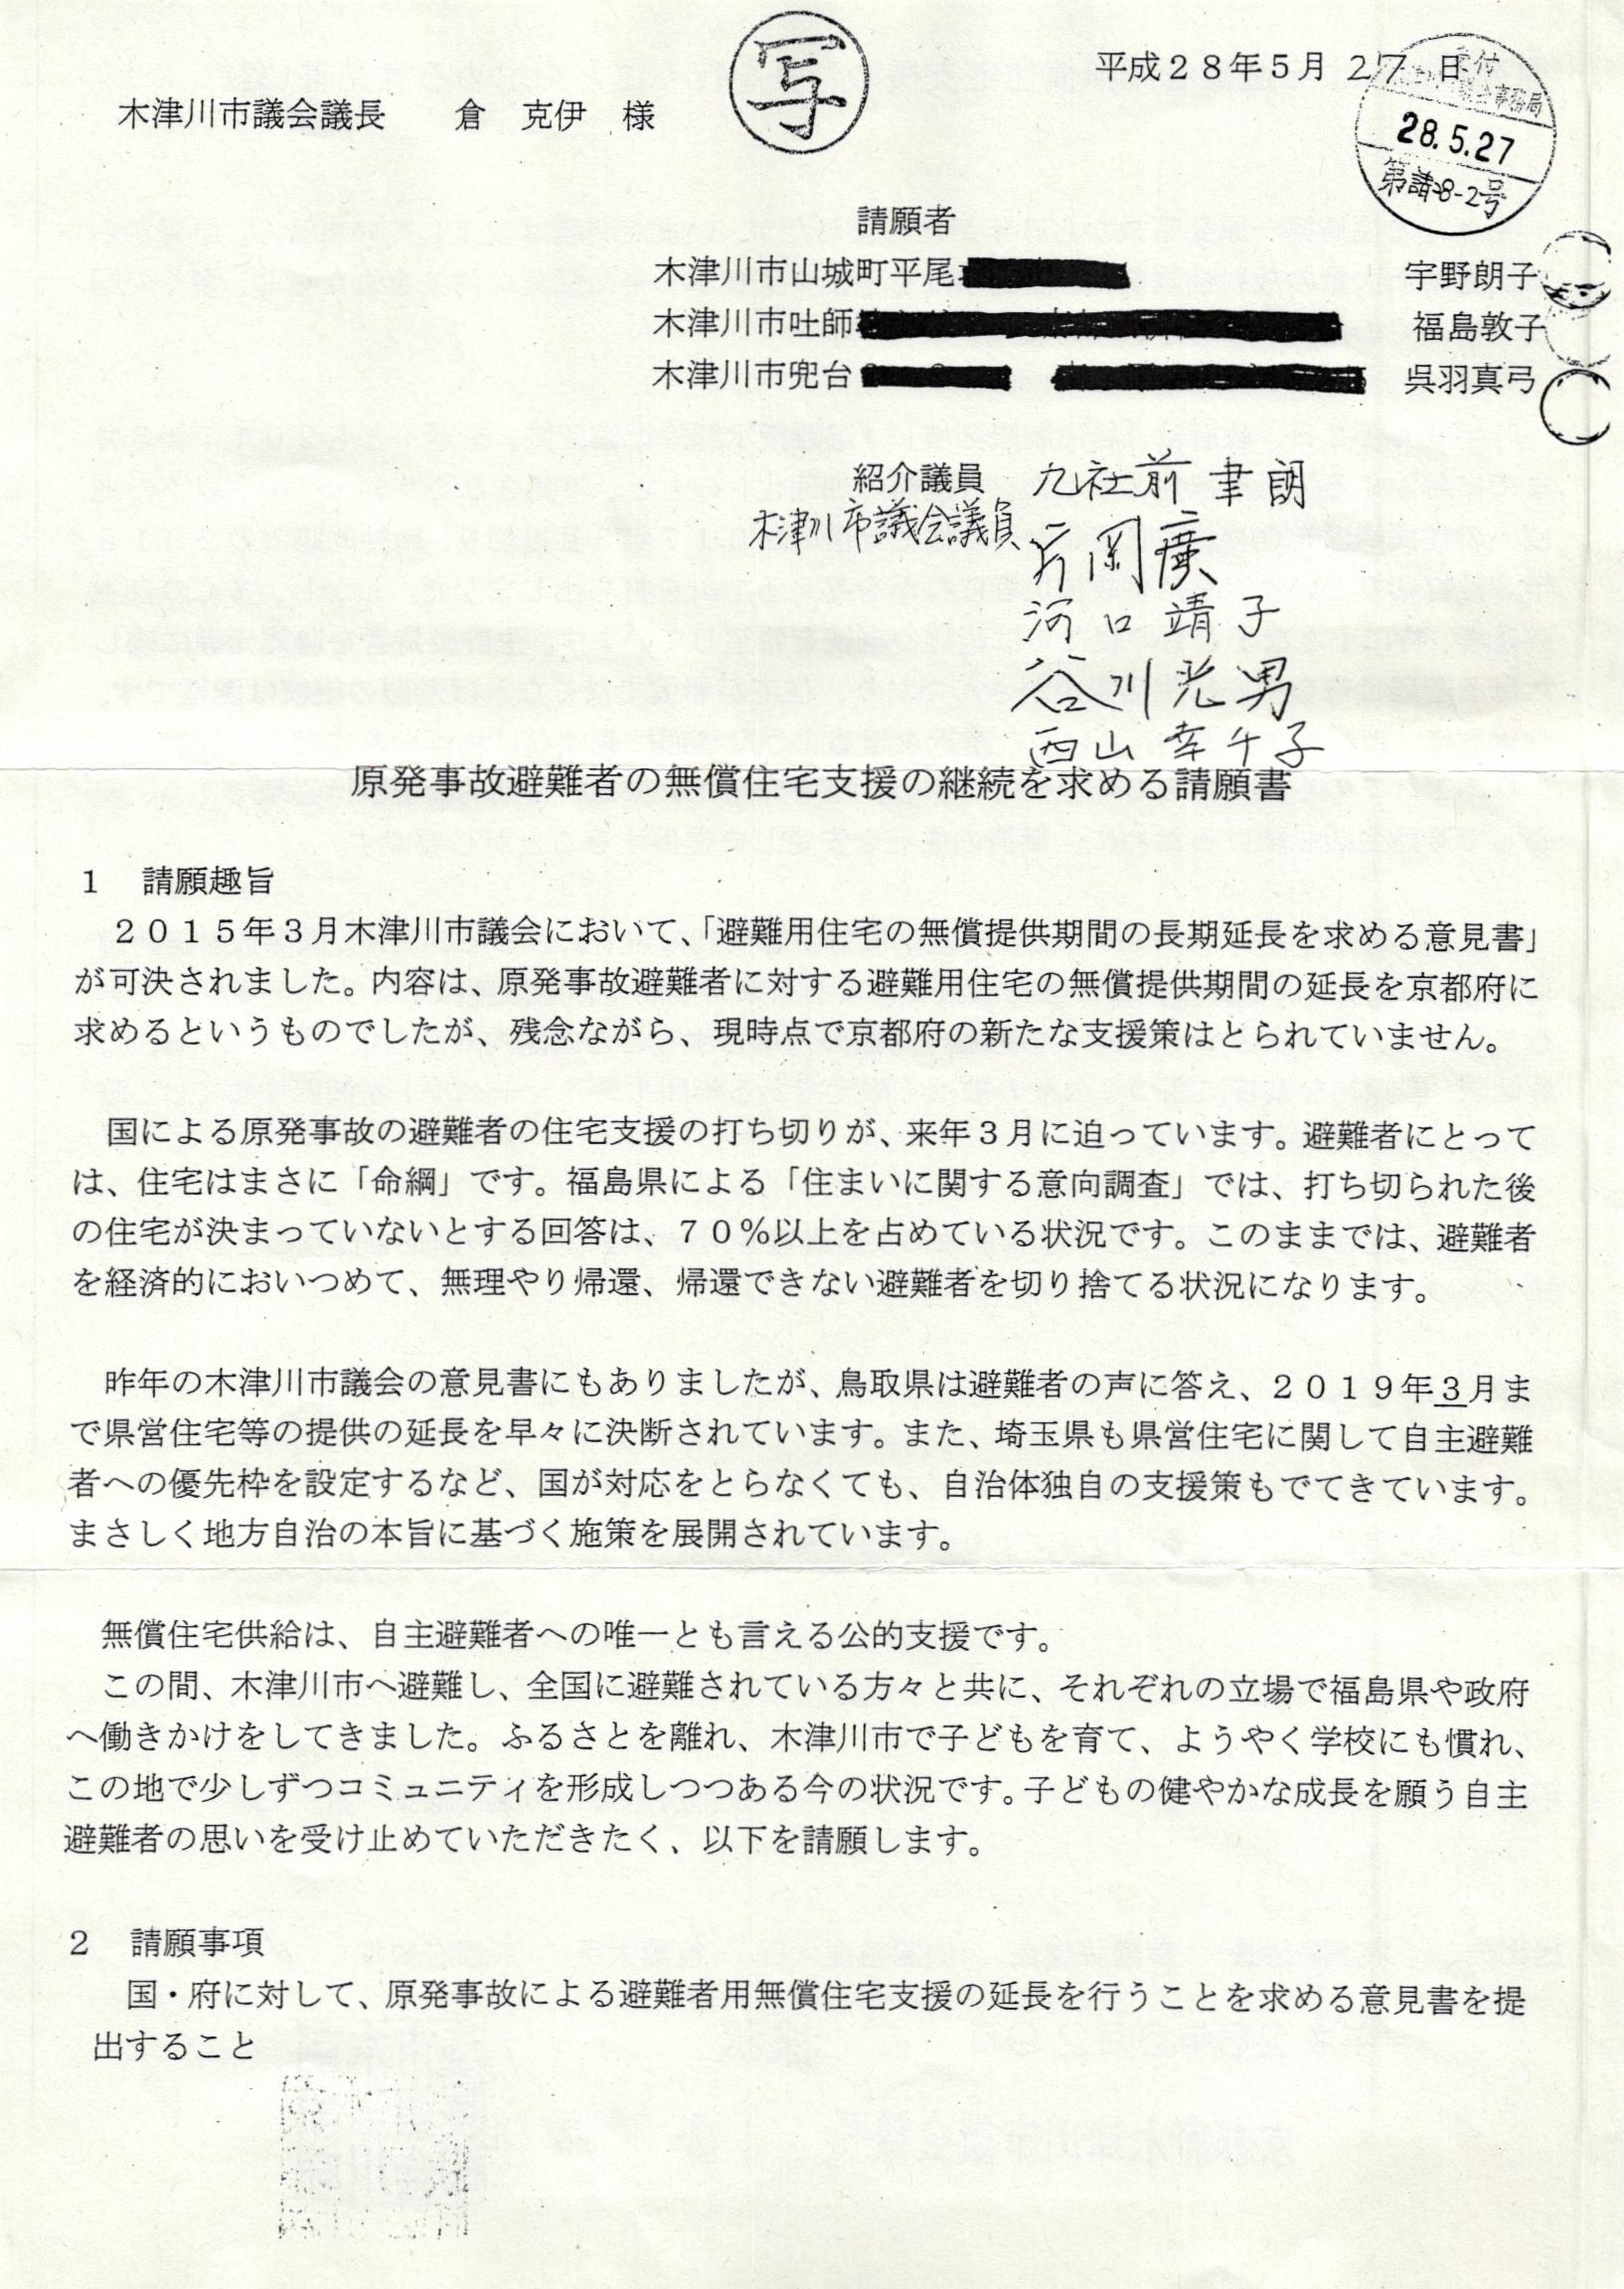 木津川市議会で採択された意見書_a0224877_00440047.jpg